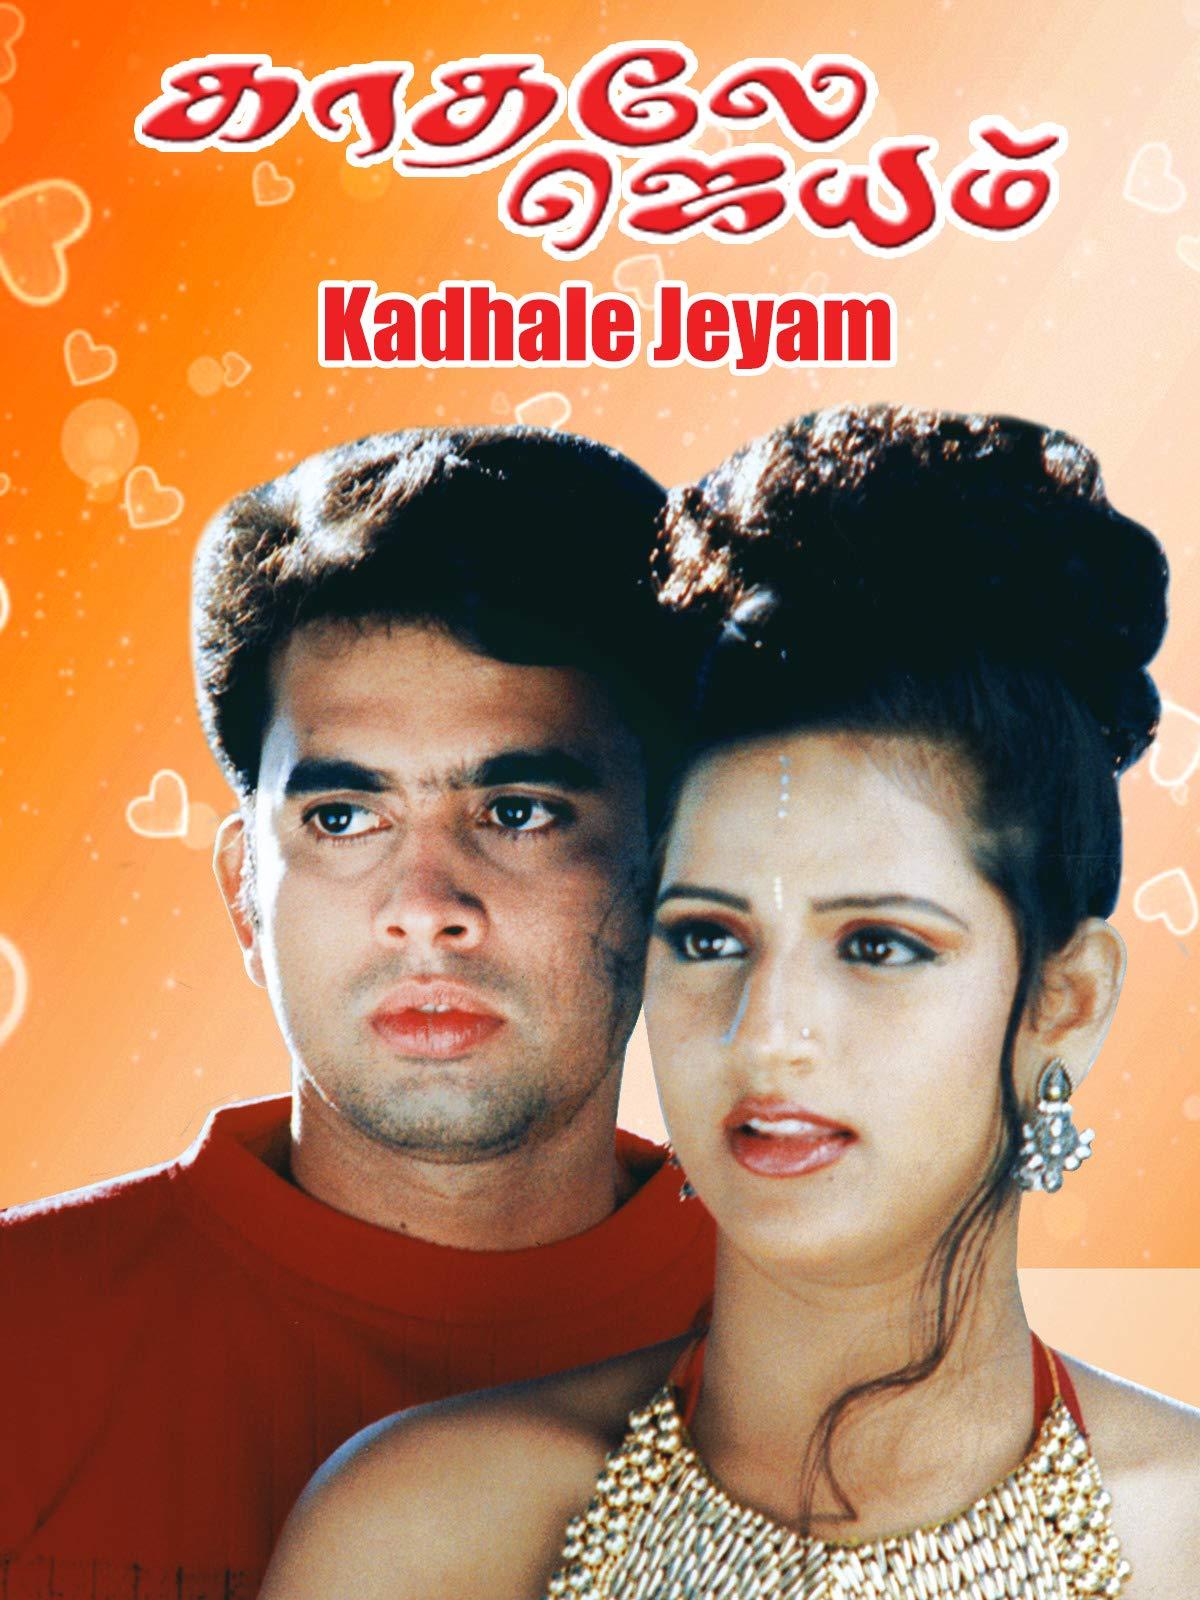 Kadhale Jeyam